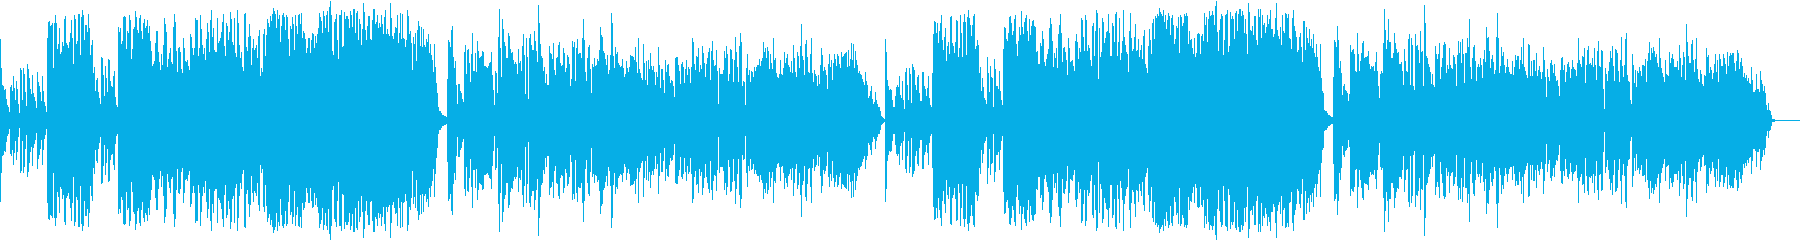 ファンキーでおしゃれなジャズの再生済みの波形